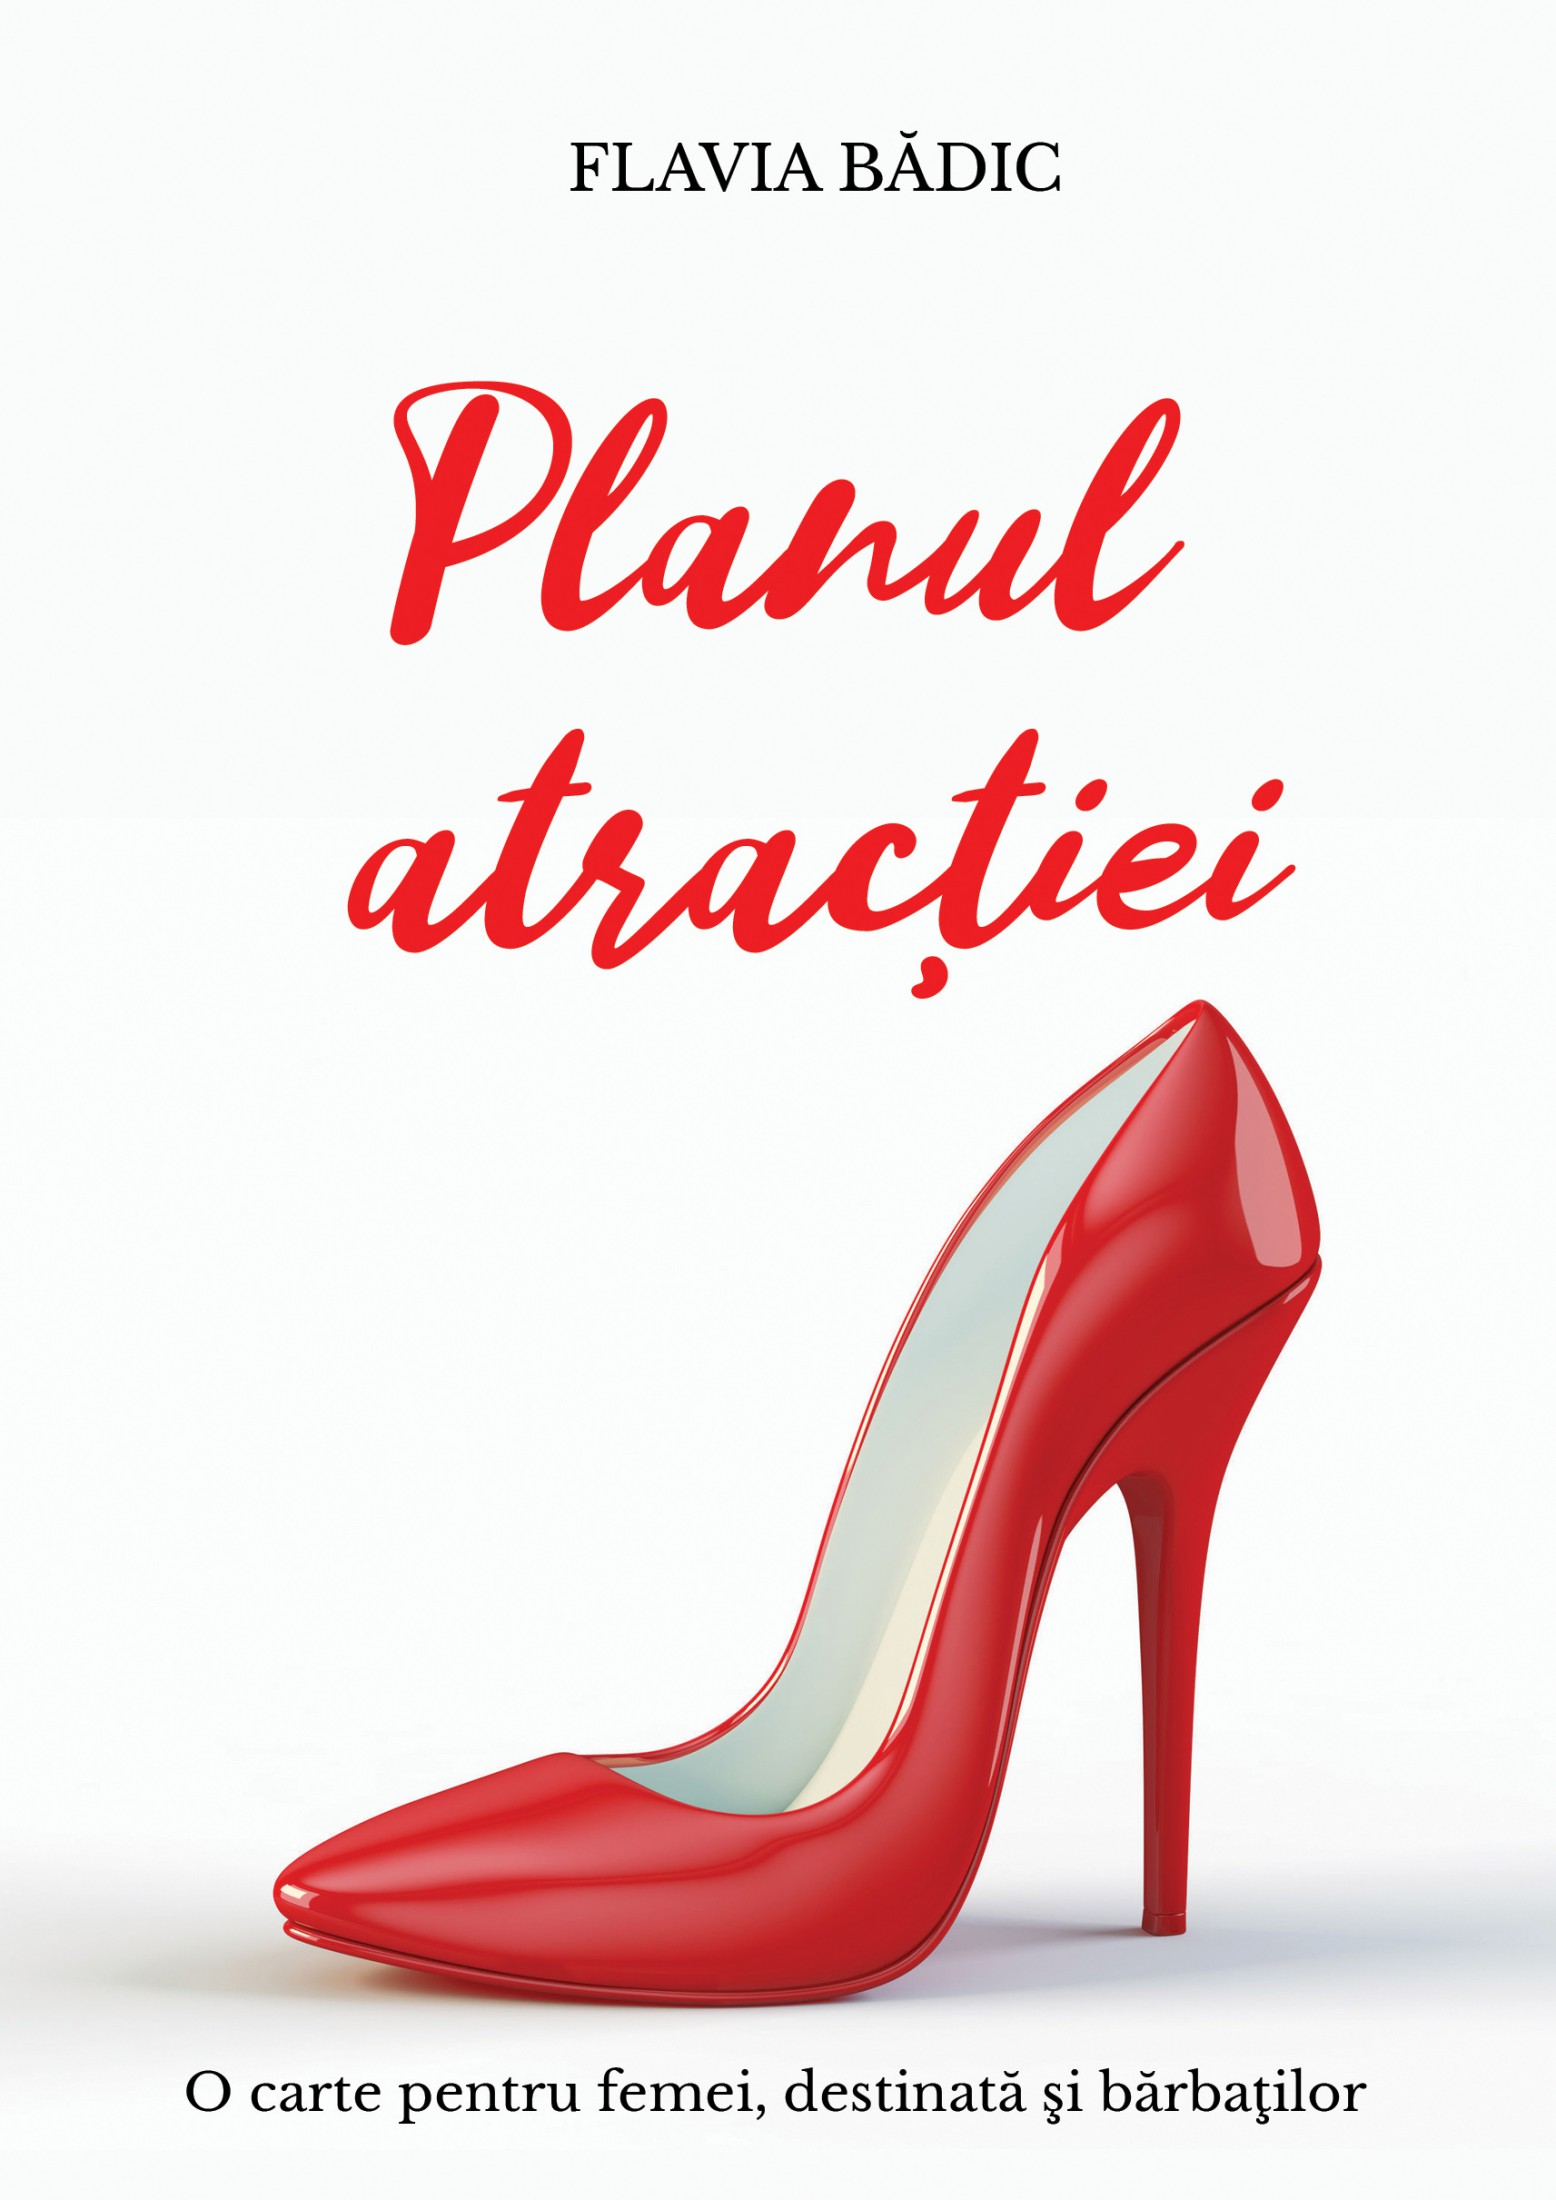 Planul atractiei - Flavia Badic - Editura Letras - 2020